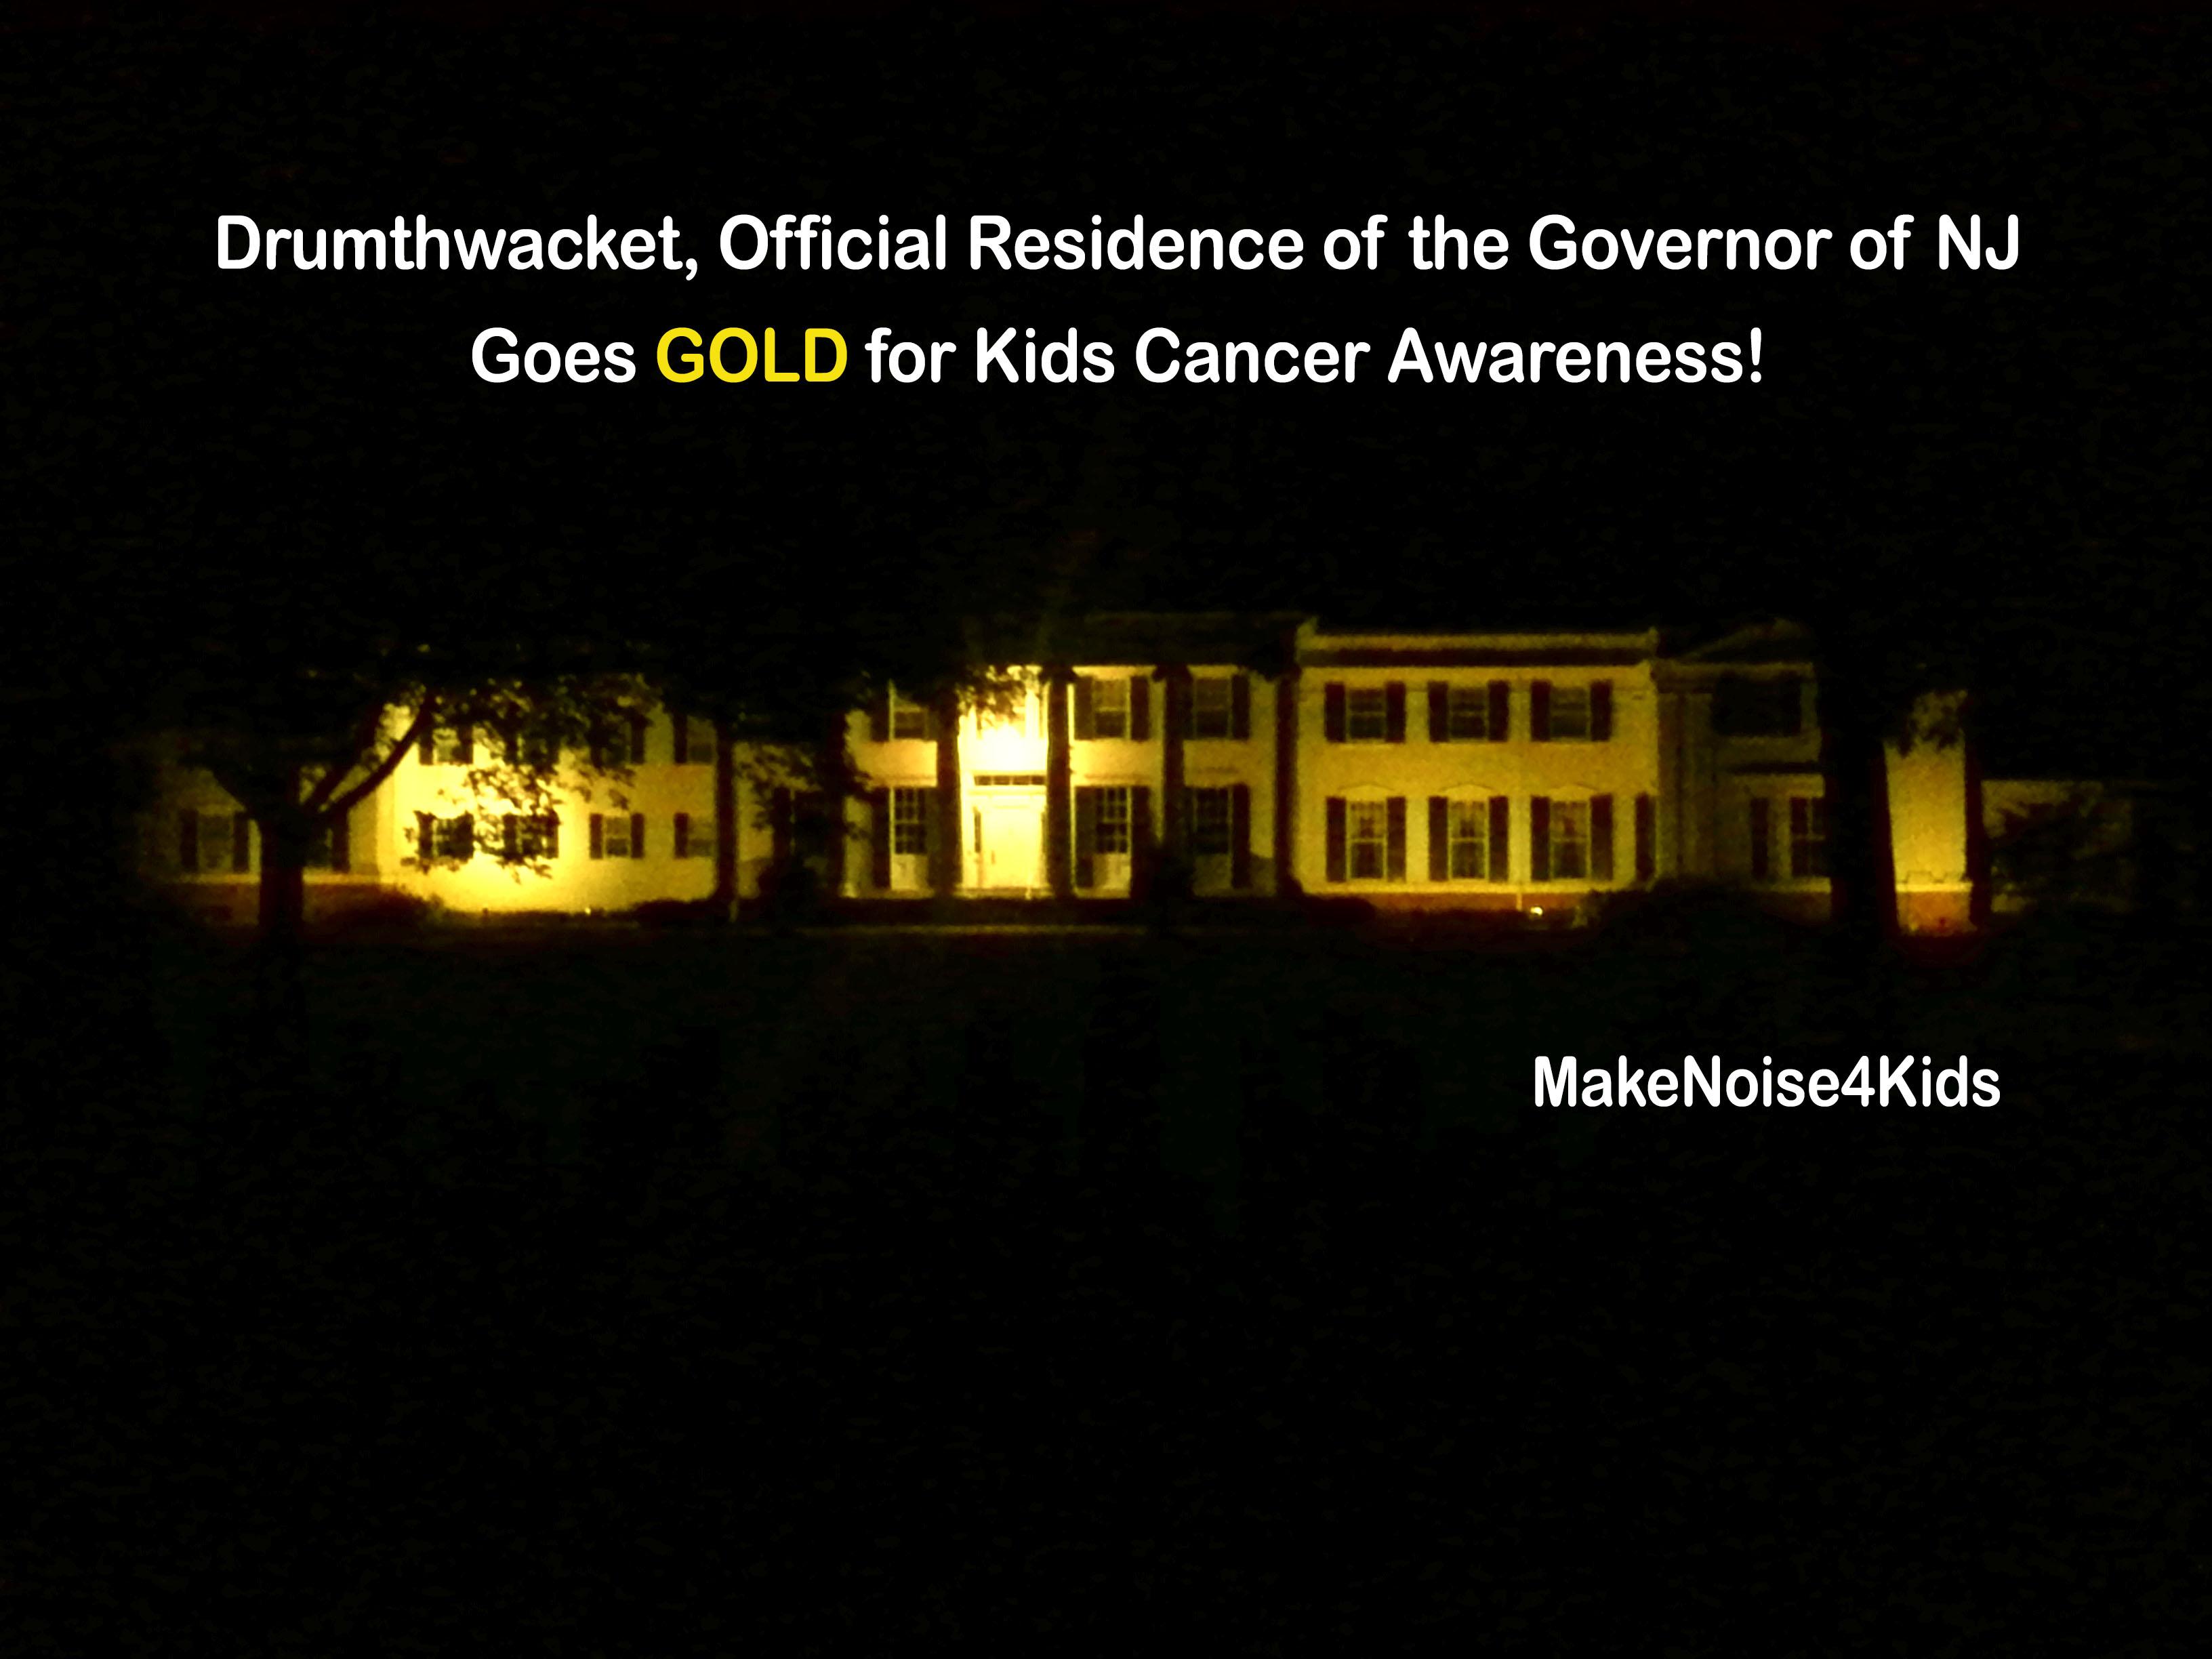 NJ Governor's Mansion Gold